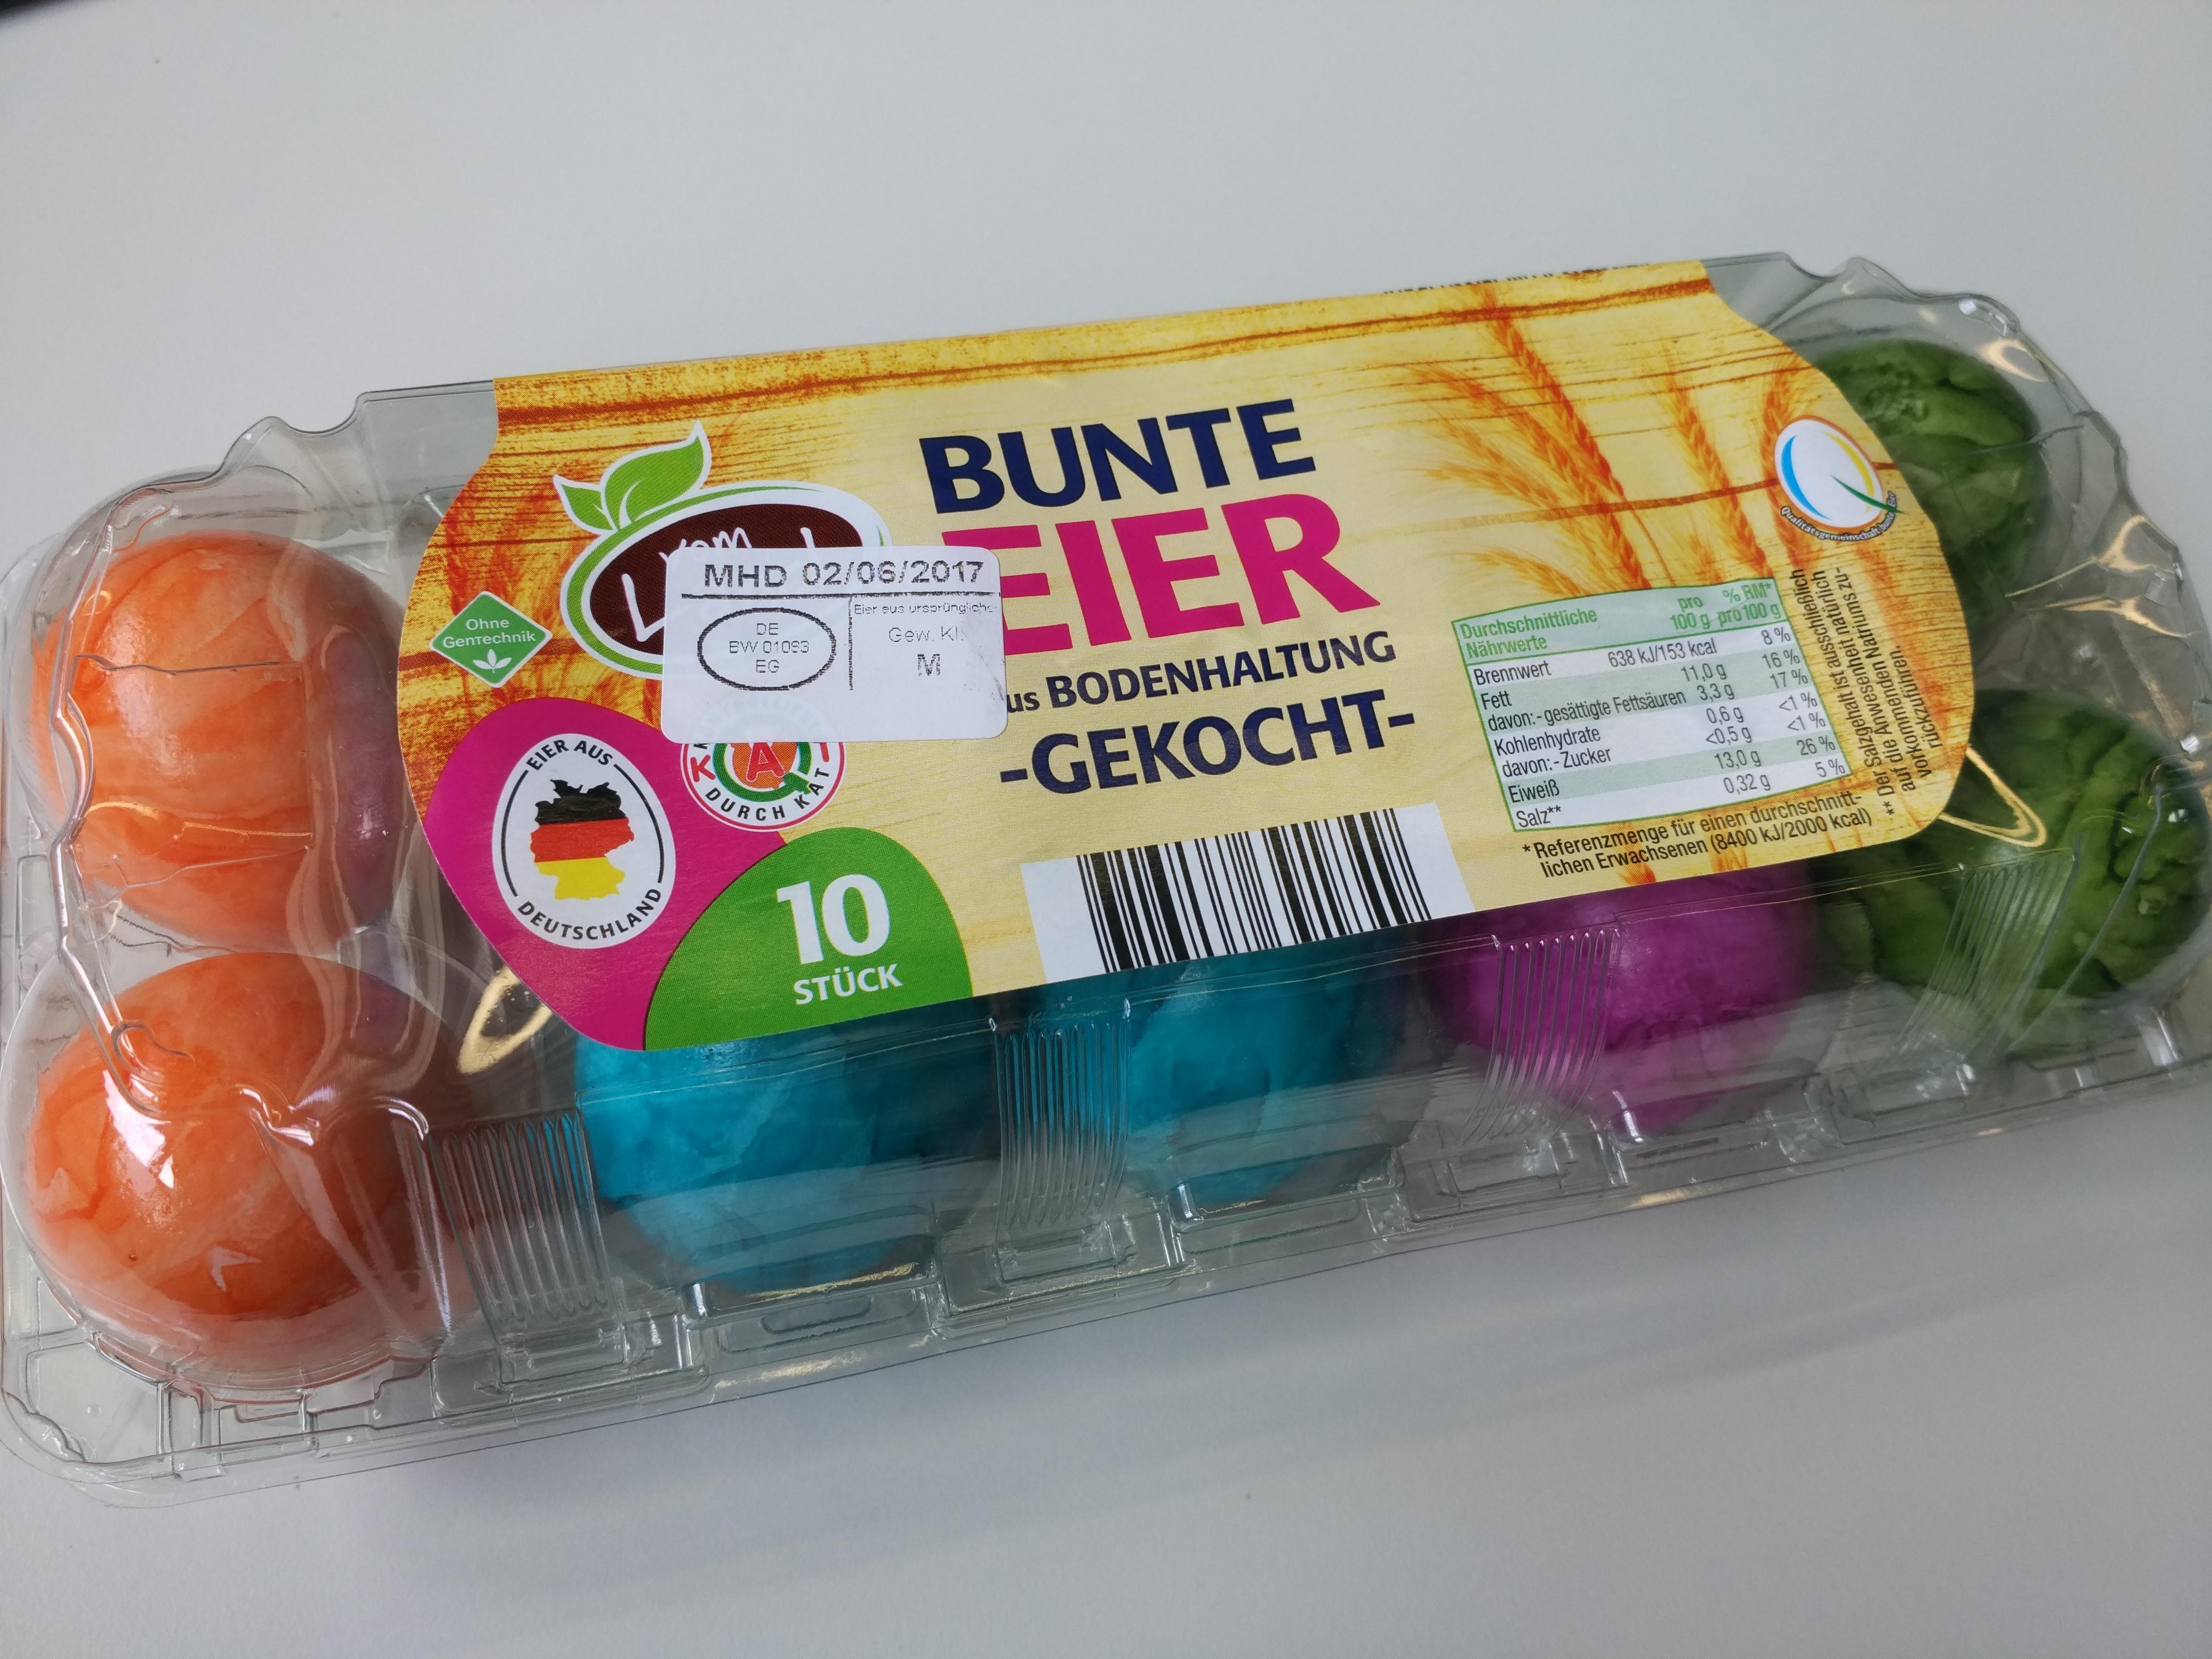 [Lokal] Netto Oberkochen 6 bunte Eier für 99 Cent und 10 bunte Eier für 1,11 €